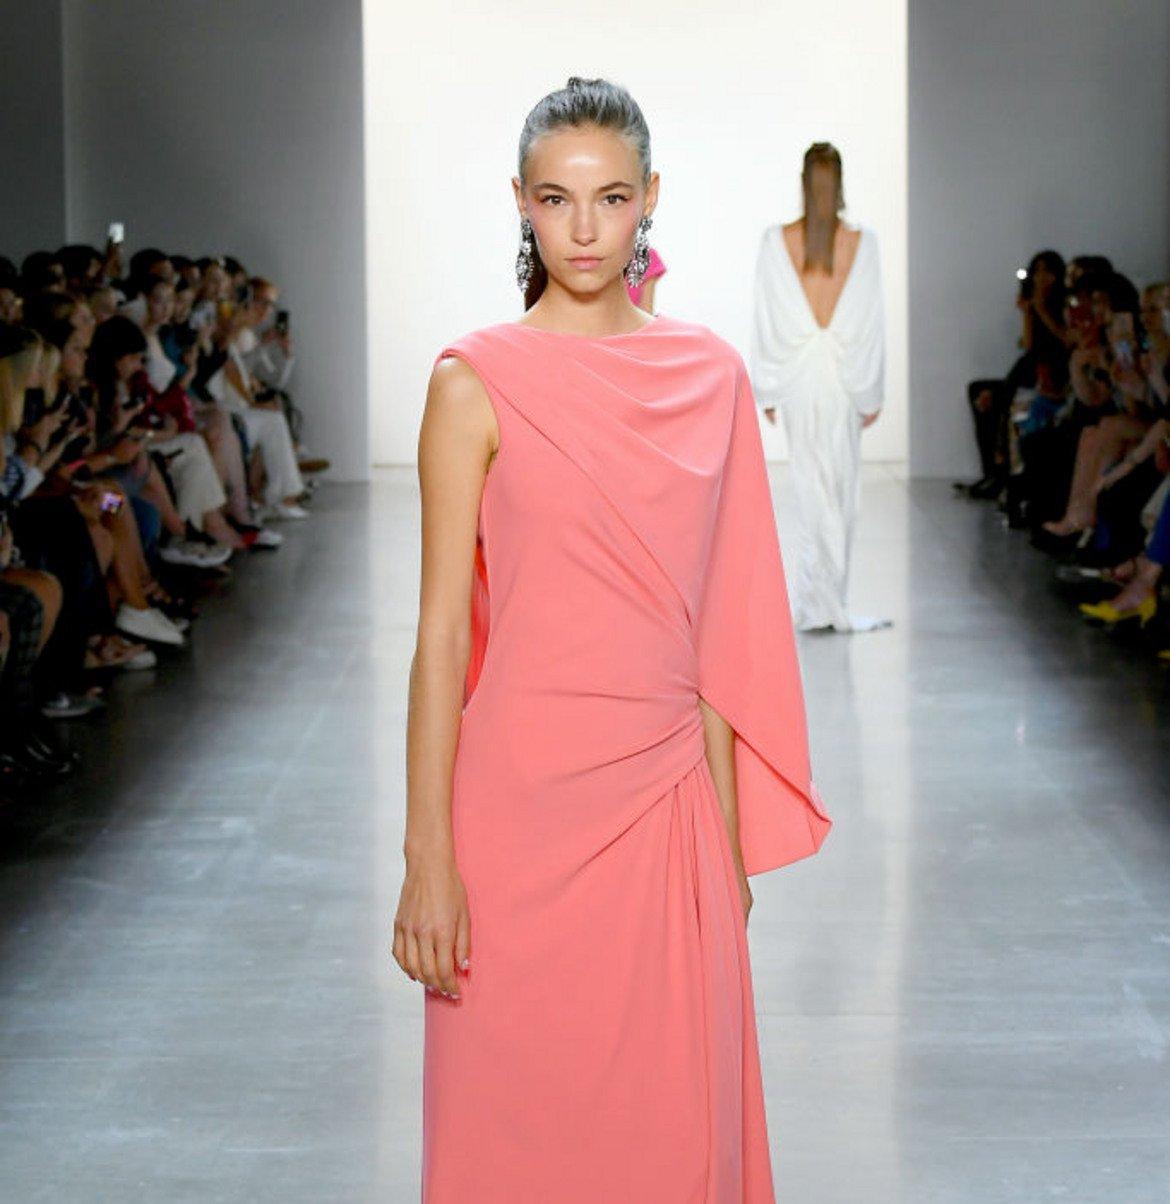 Коралово розово (Coral Pink) Този успокояващ, женствен оттенък комбинира топлината на коралите с деликатността на розовото. Шик е за носене както през деня, така и през нощта.   Модел на Тадаши Шоджи от колекцията пролет/лято 2020 на Седмицата на модата в Ню Йорк.